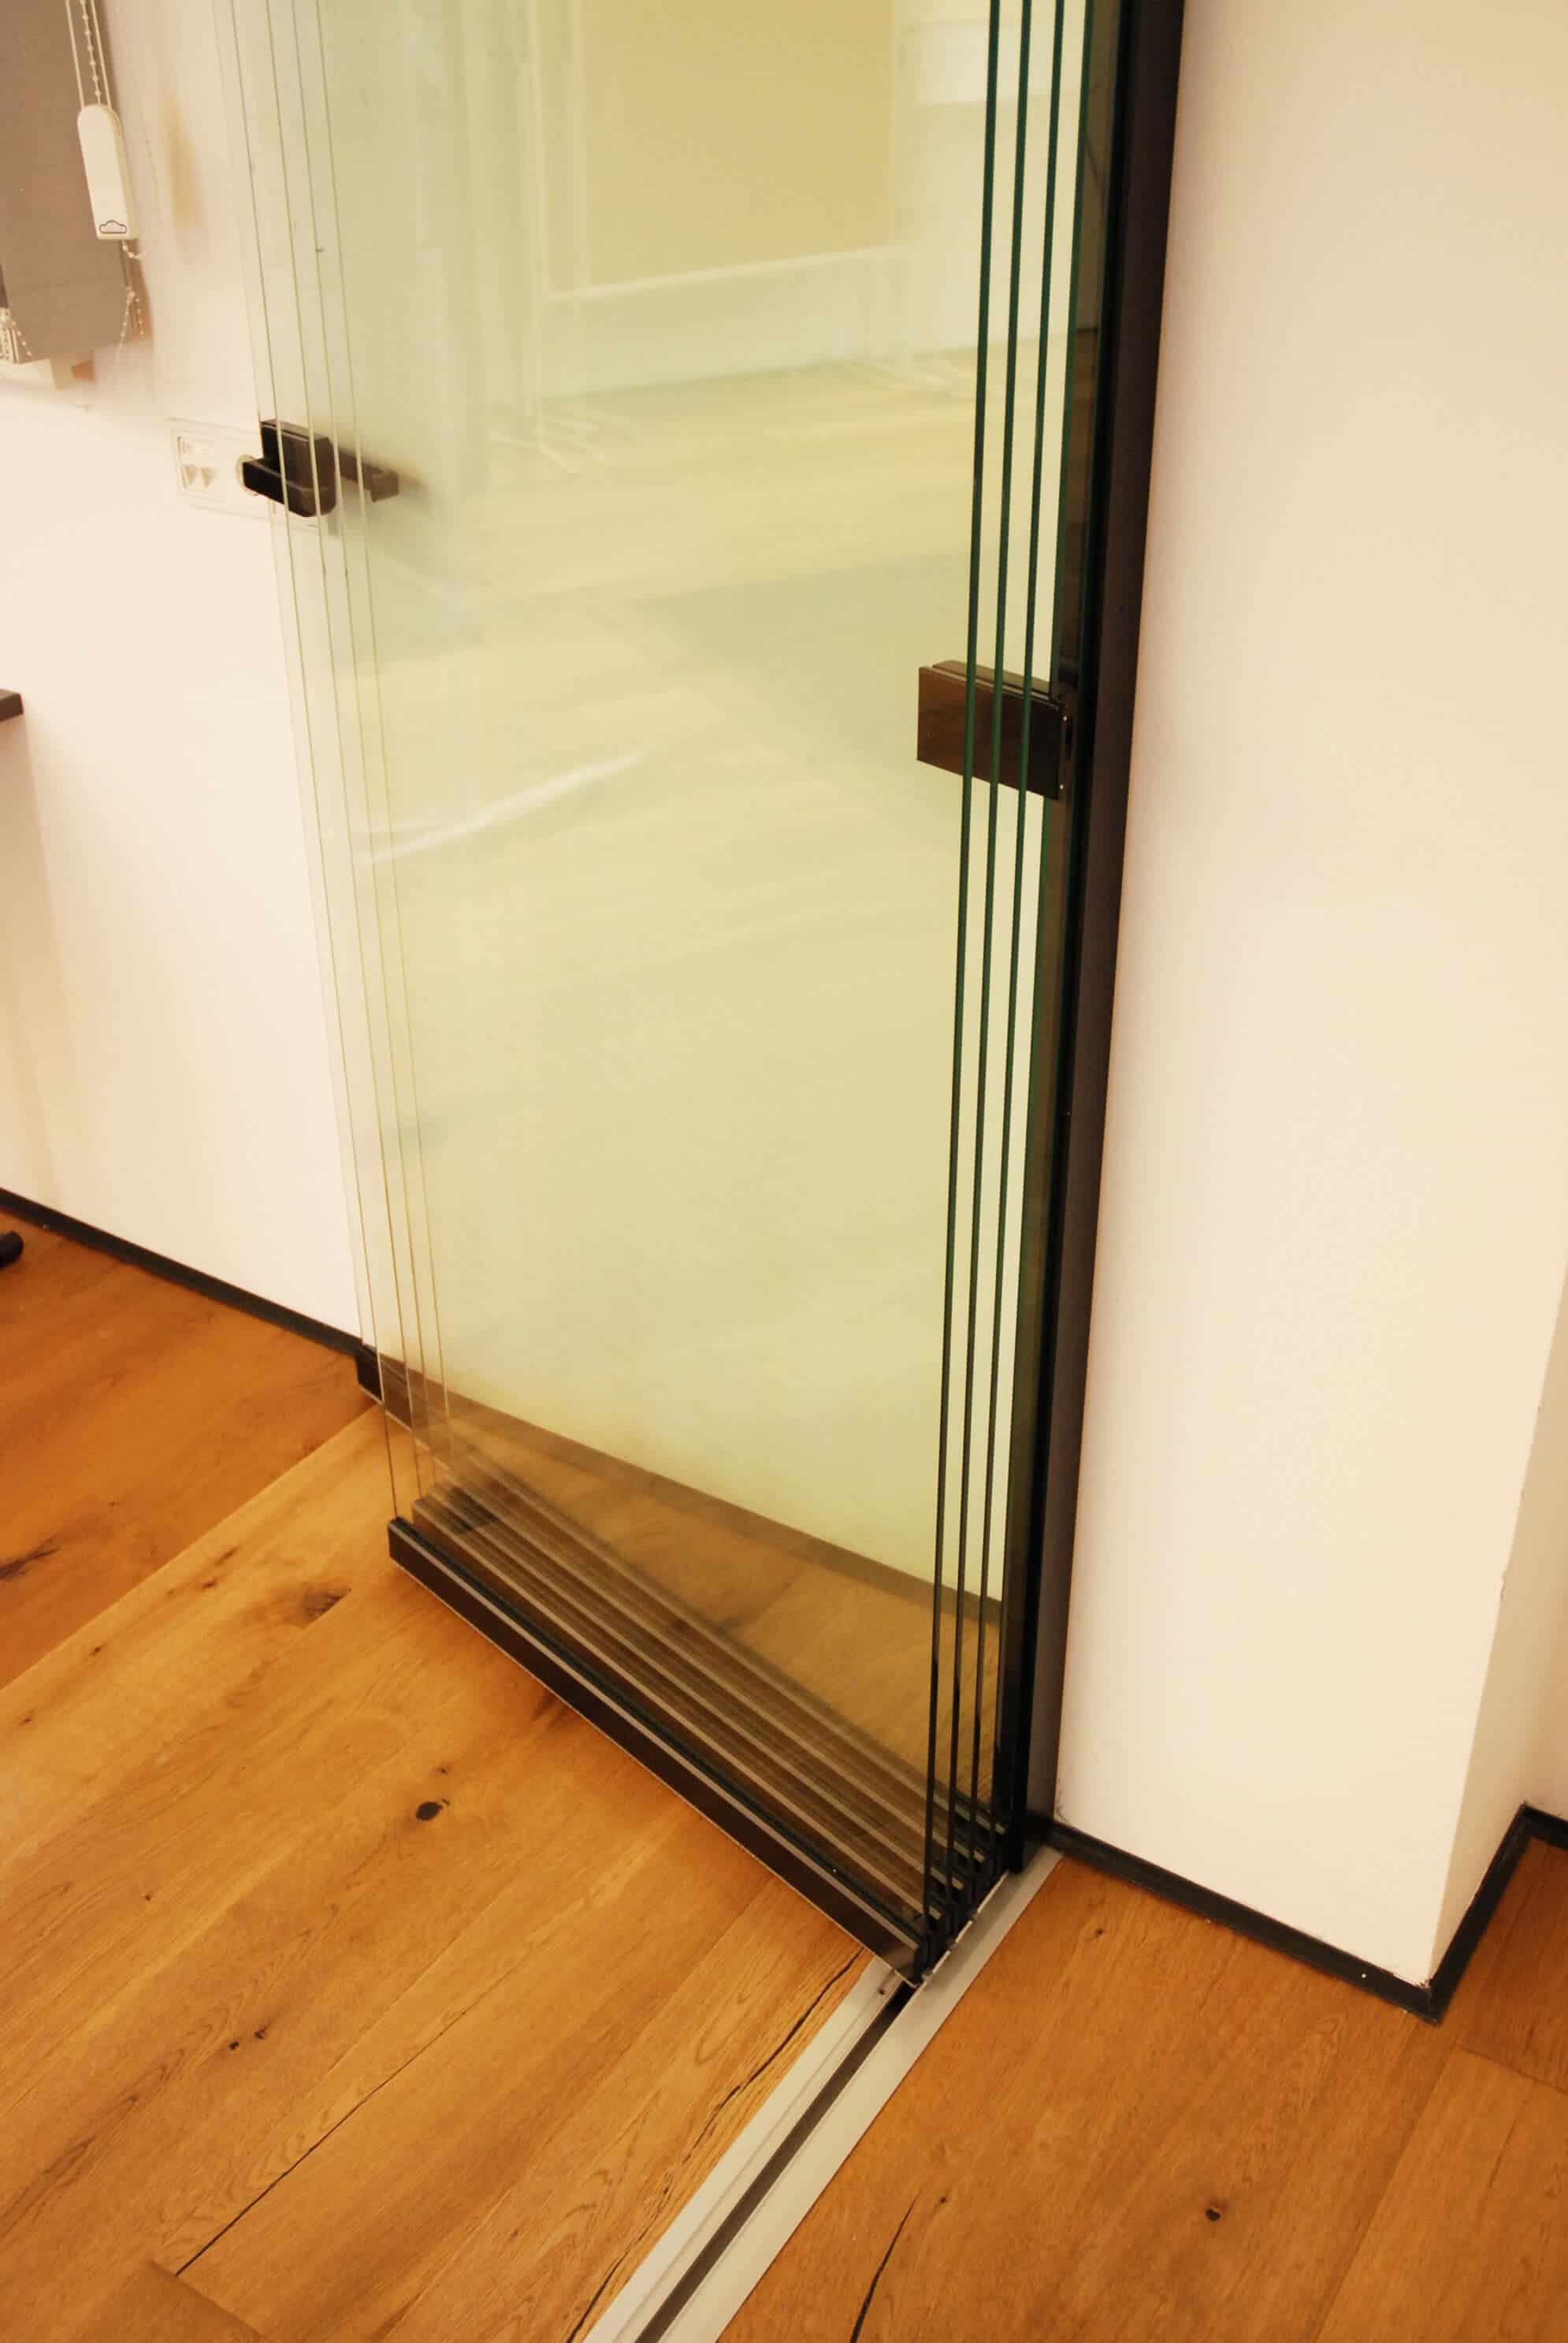 Schiebe-Dreh-Element mit Glasflügeln